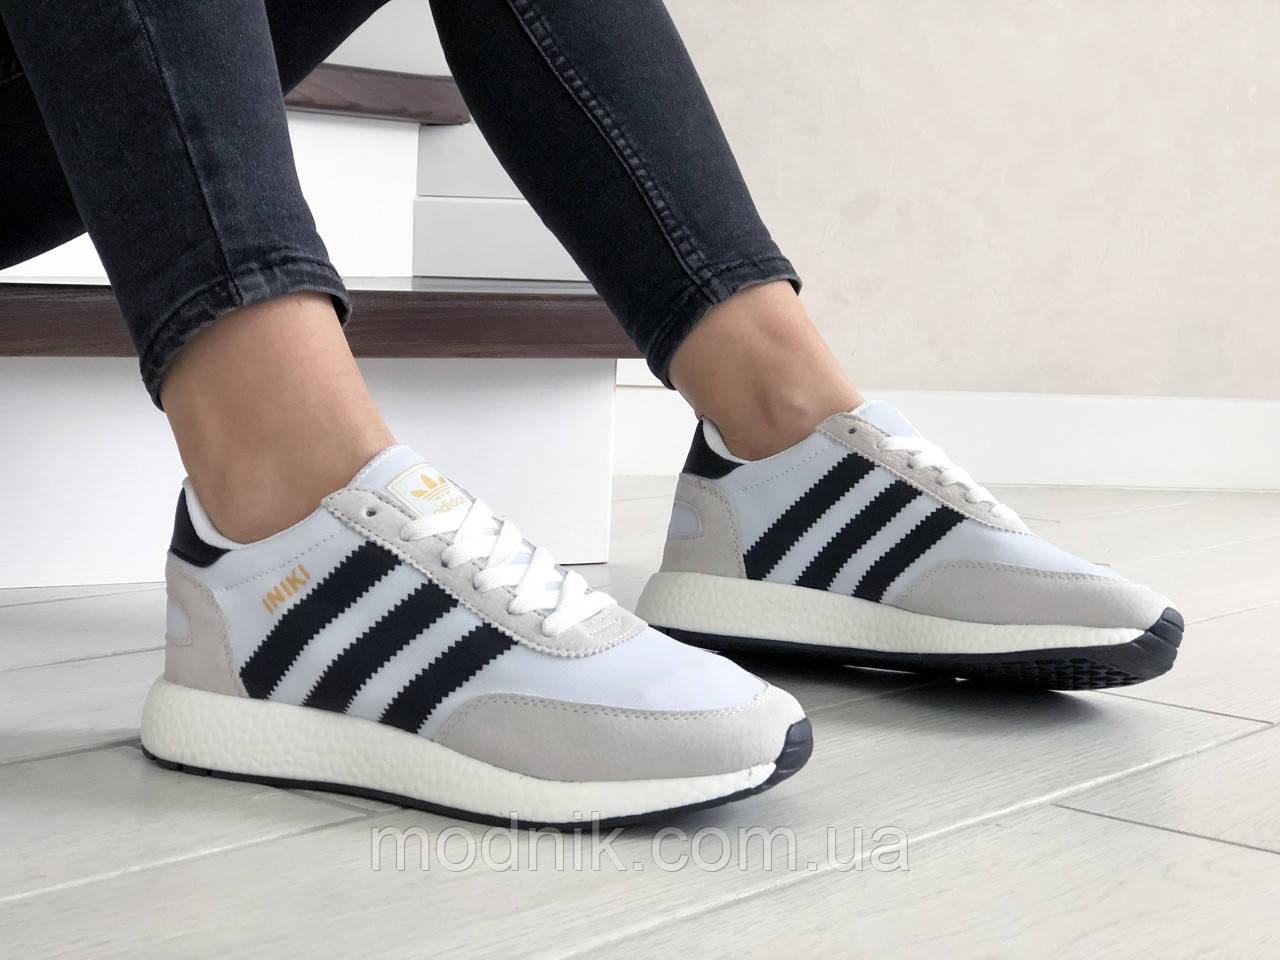 Женские кроссовки Adidas Iniki (бело-бежевые) 9287